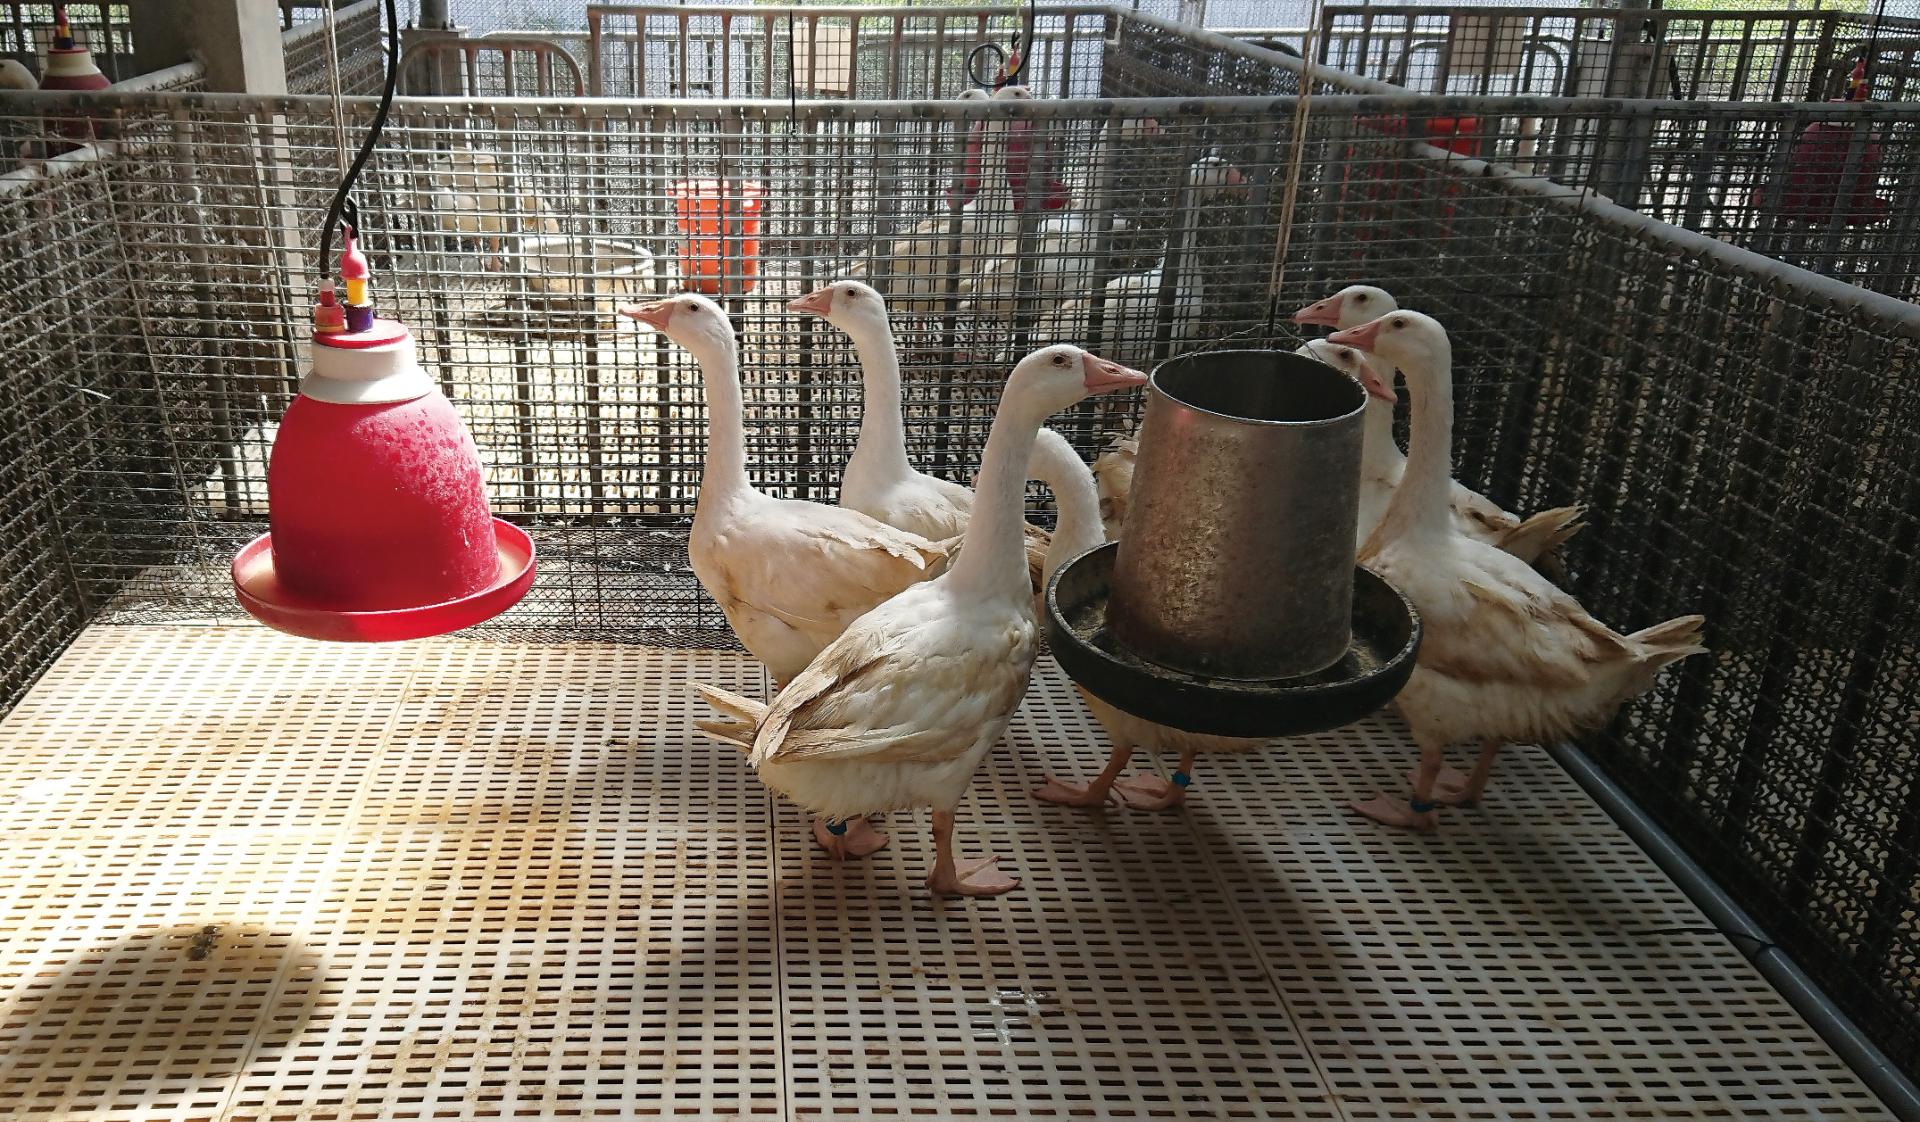 原來這些都是寶!開發紅茶渣作肉鵝飼料添加物 - Yahoo奇摩新聞